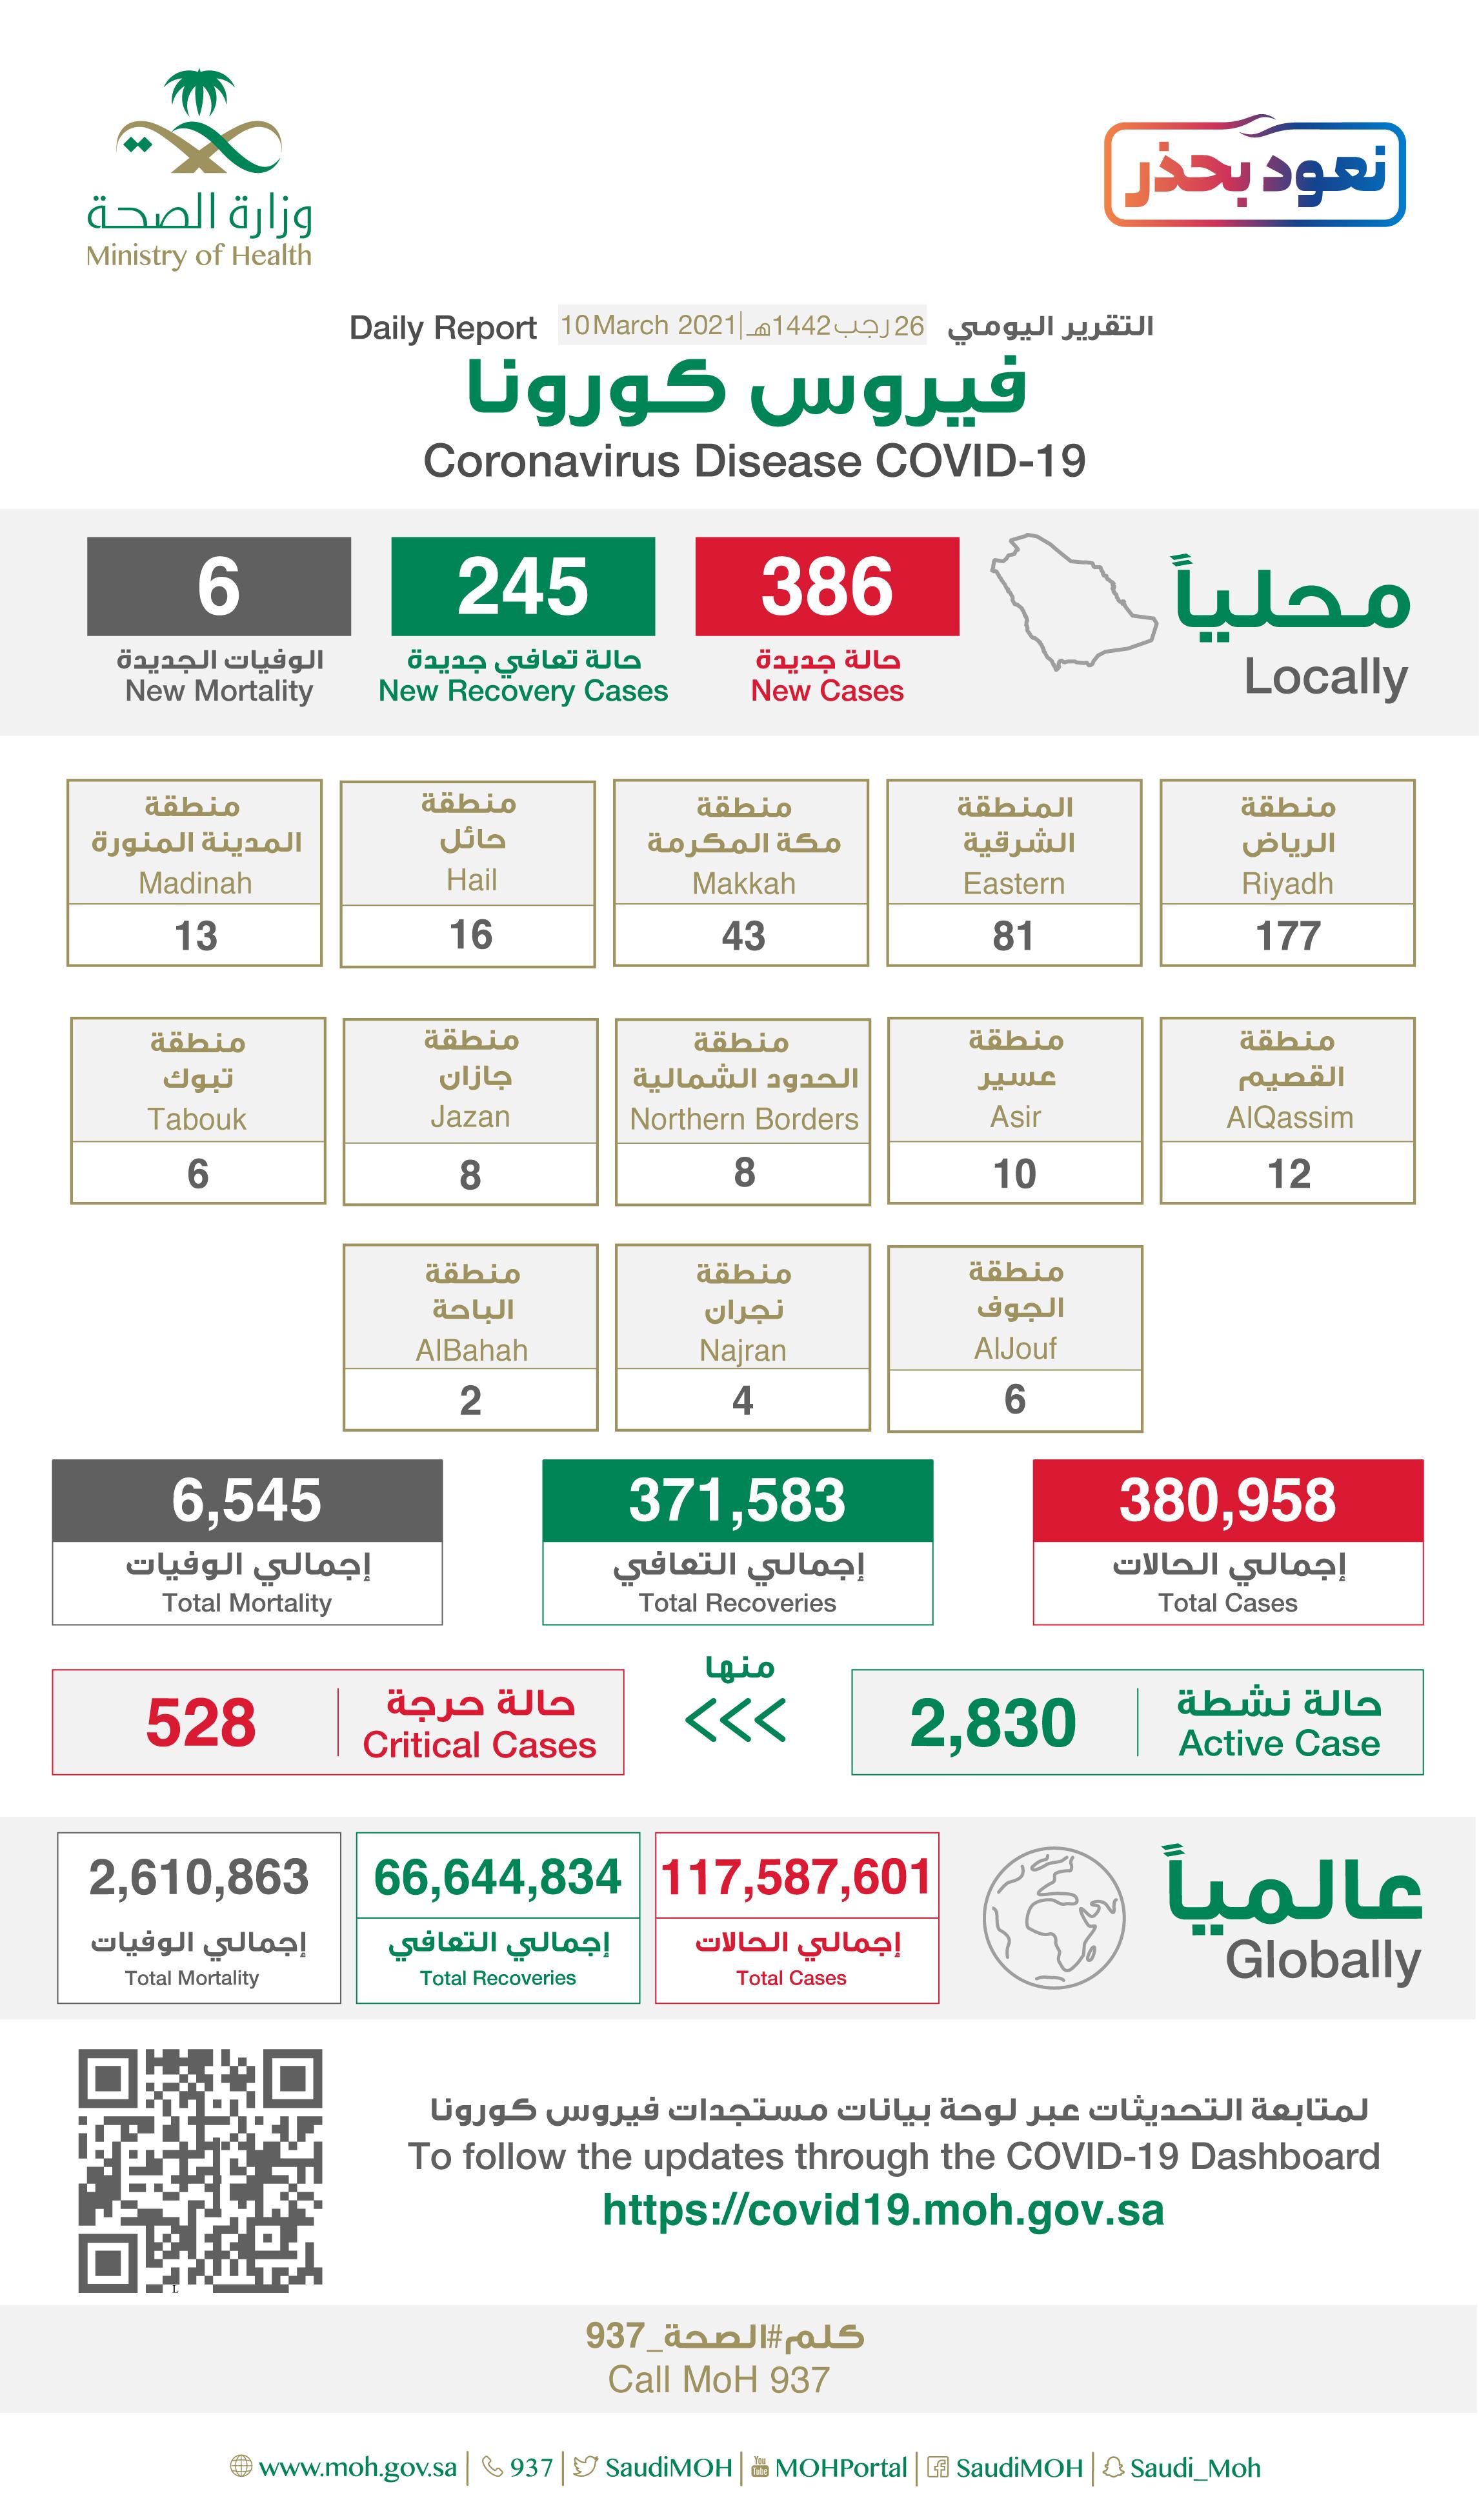 386 إصابة جديدة بفيروس كورونا في السعودية .. و 245 حالة شفاء و6 وفيات